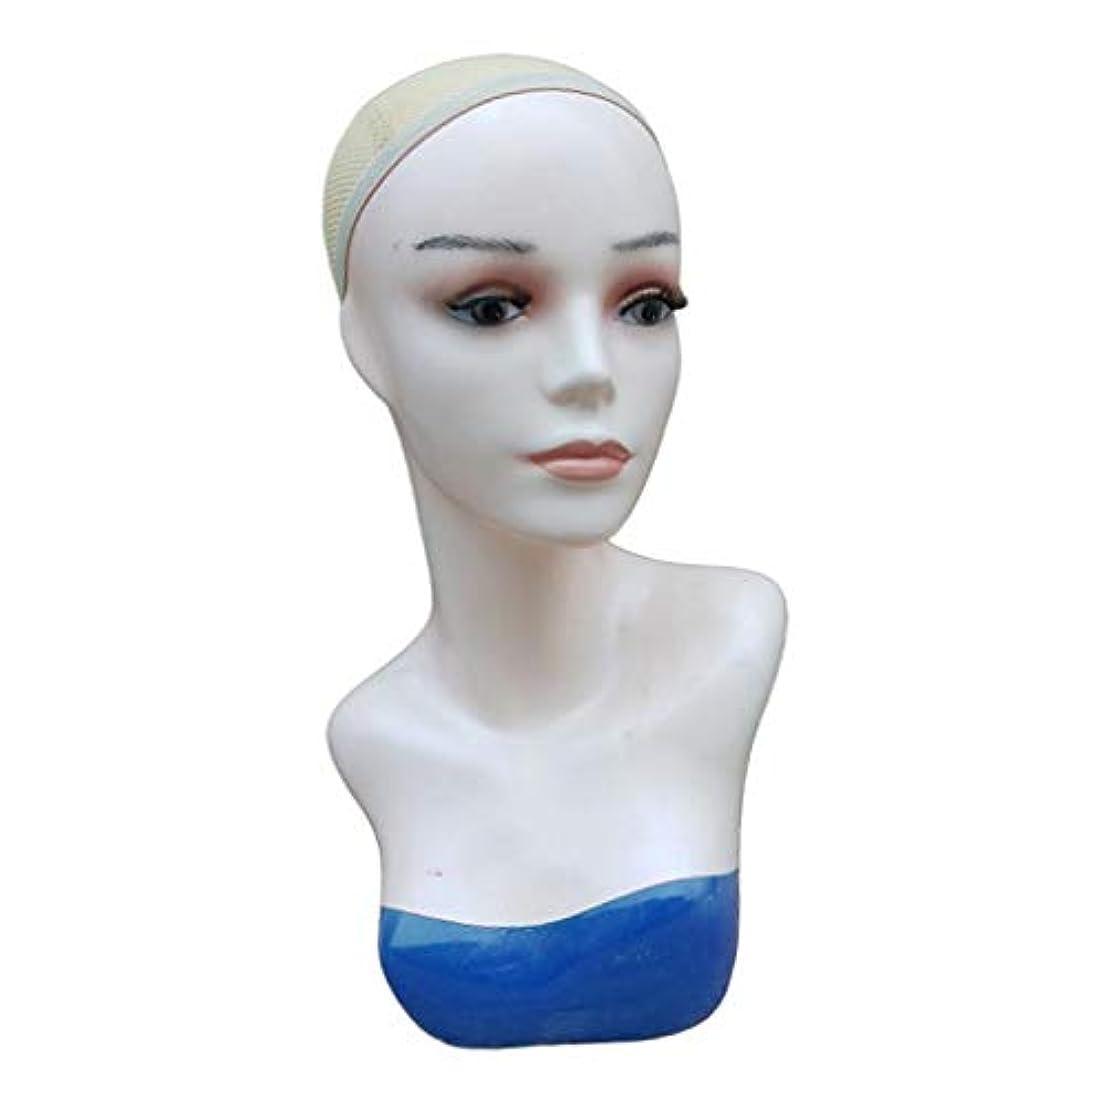 地殻レタスチキンCUTICATE マネキンヘッド ヘッドモデル ウィッグスタンド 帽子 スカーフ 宝石 眼鏡 ウィッグ かつらディスプレイ